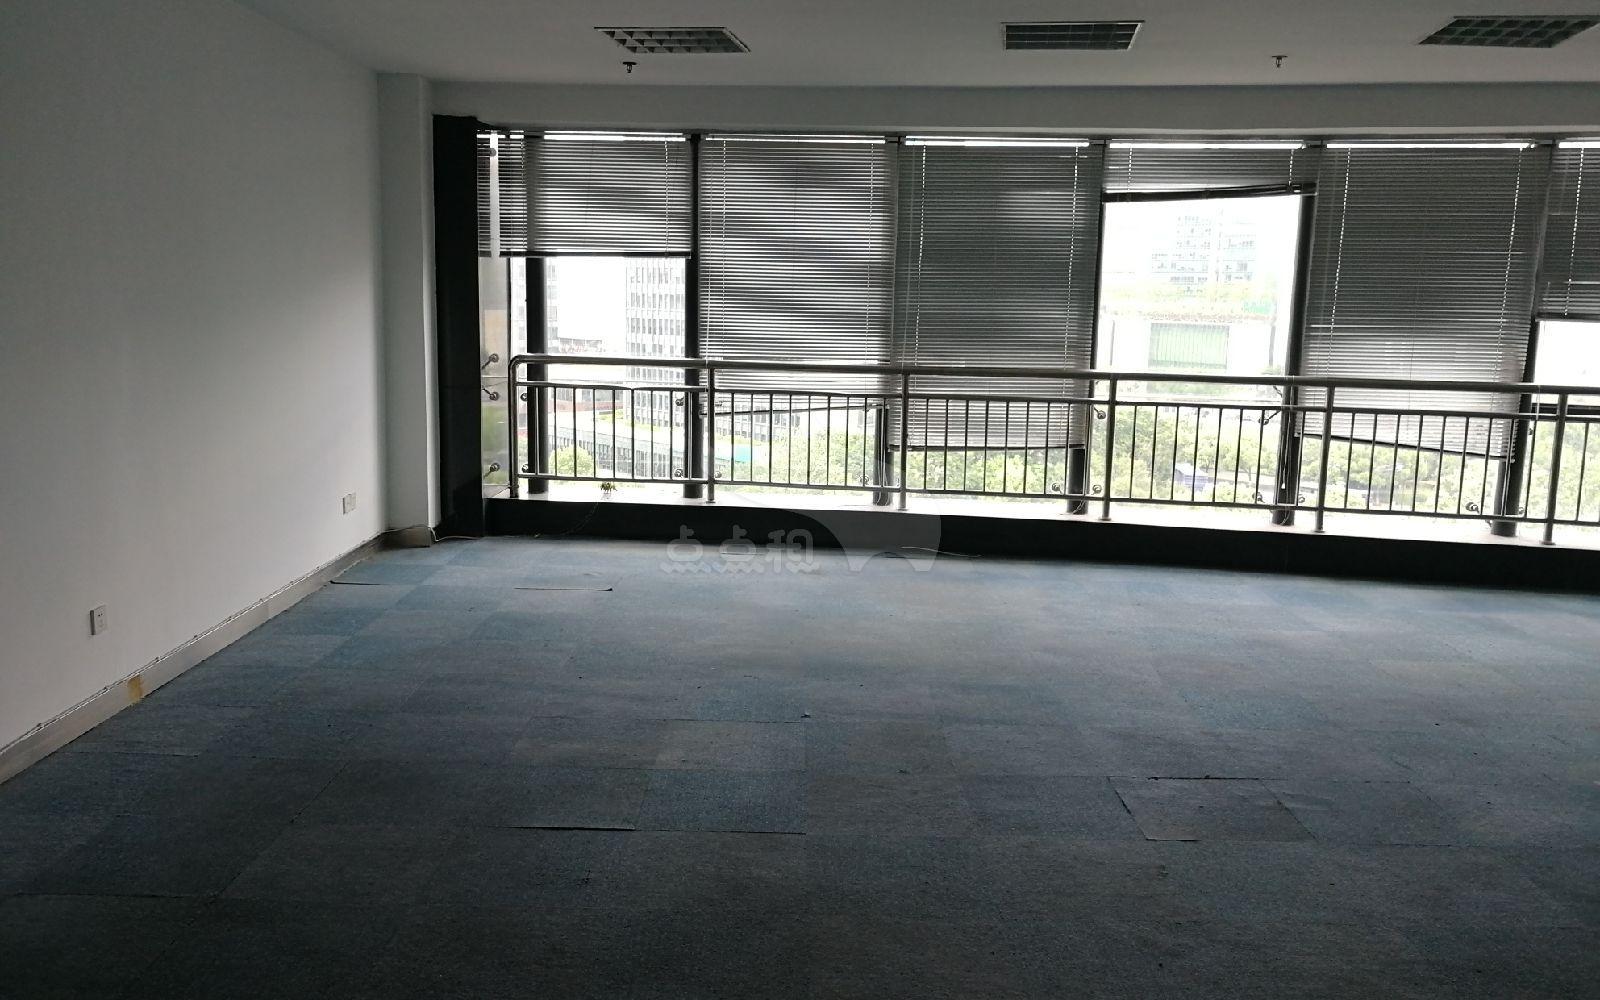 紫金港商务大厦